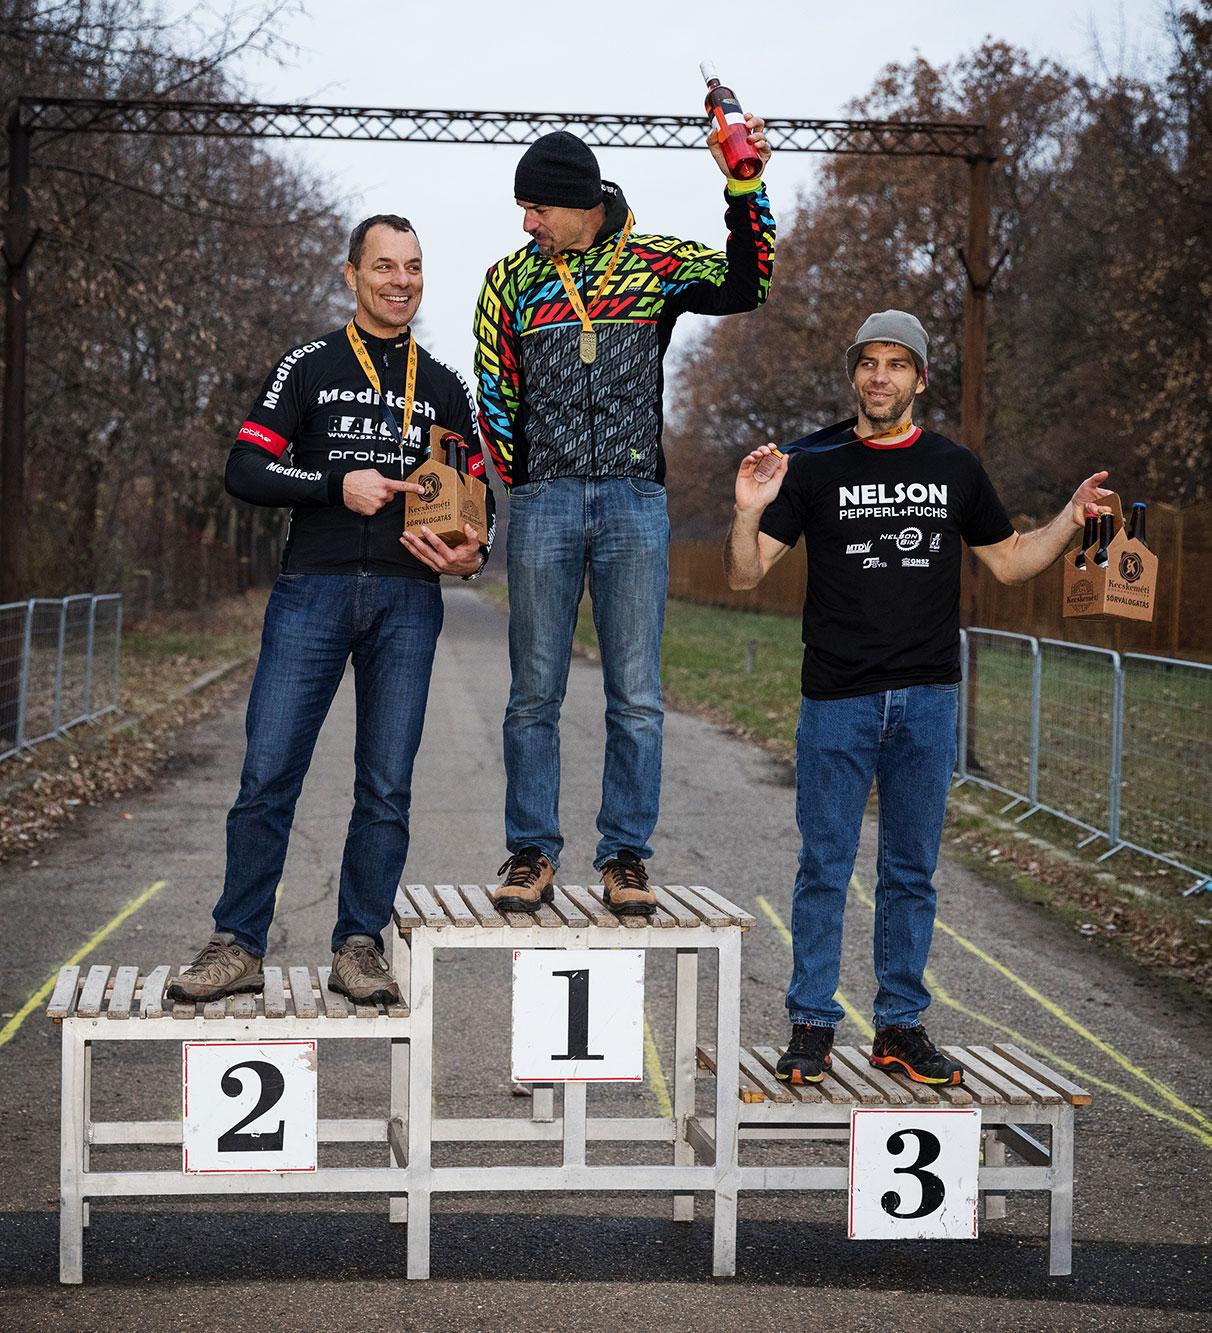 Kecskemét CycloCross Magyar Kupa, 2018, Master2 dobogó